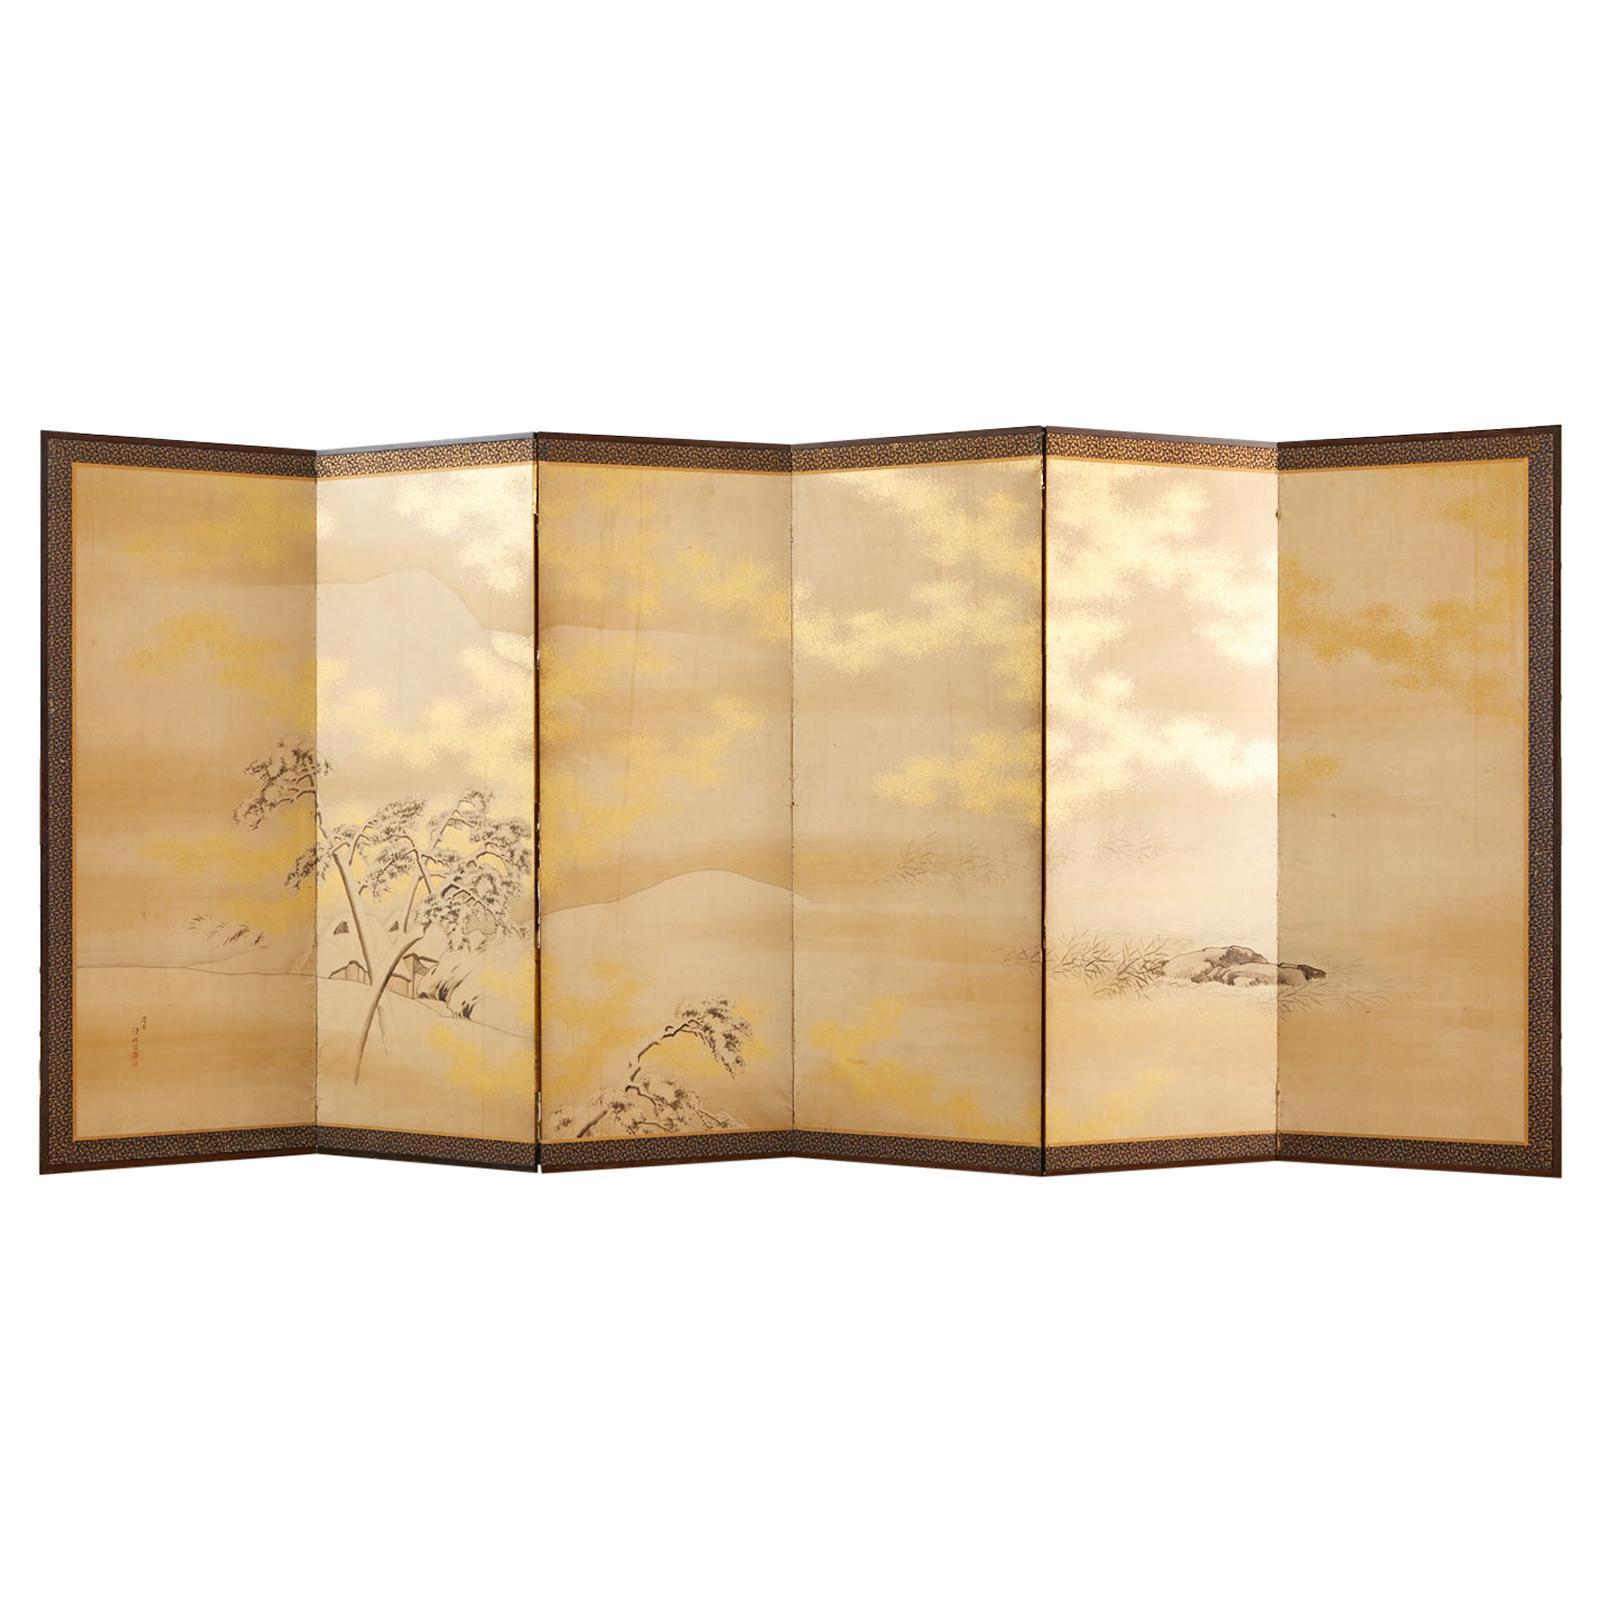 Japanese Edo Six Panel Shijo Screen Snowy Winter Landscape